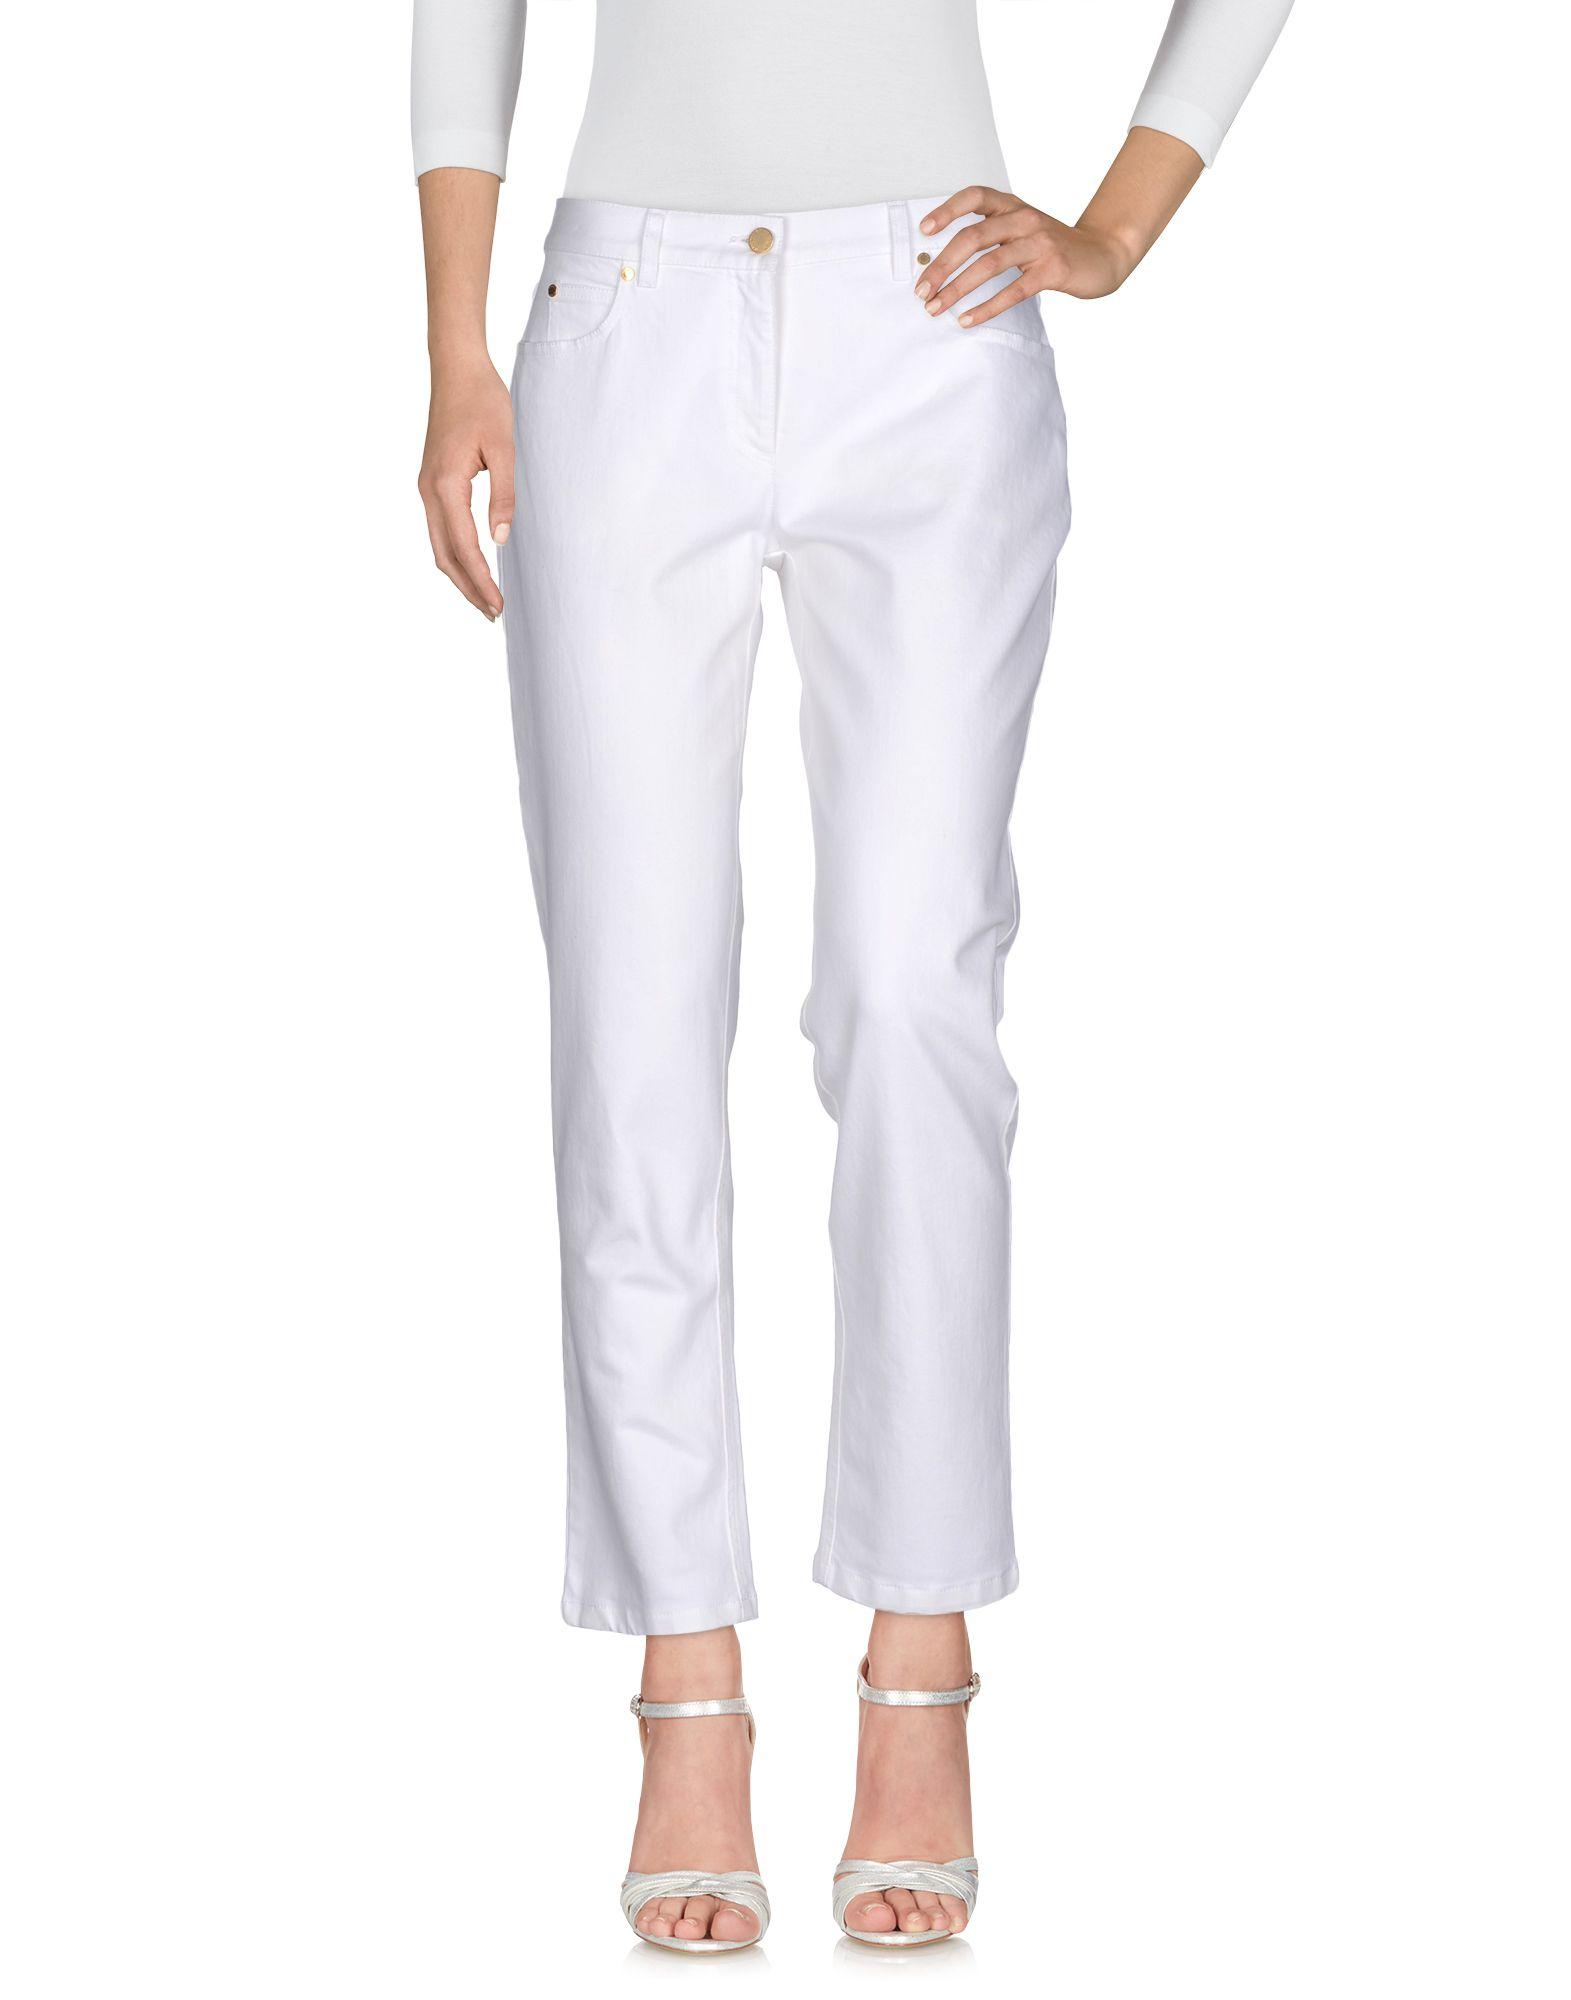 MICHAEL KORS Джинсовые брюки dismero джинсовые брюки